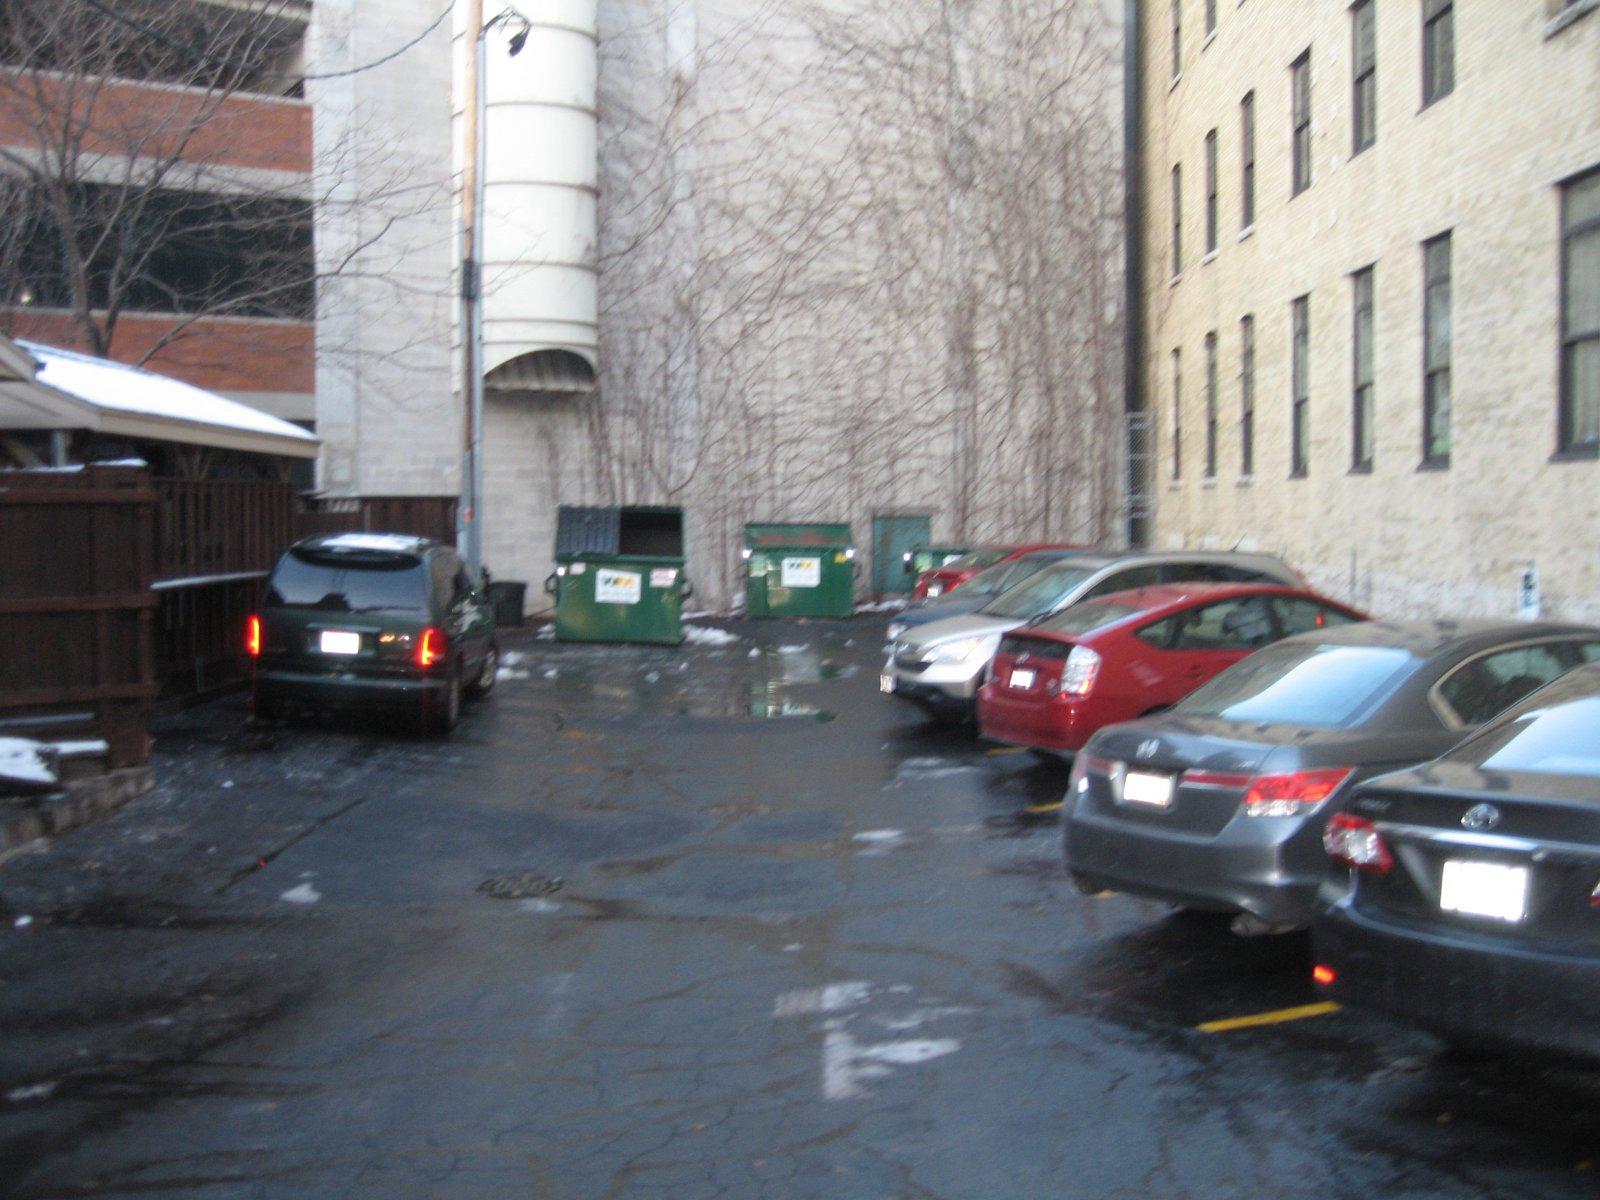 The Irish Pub parking lot